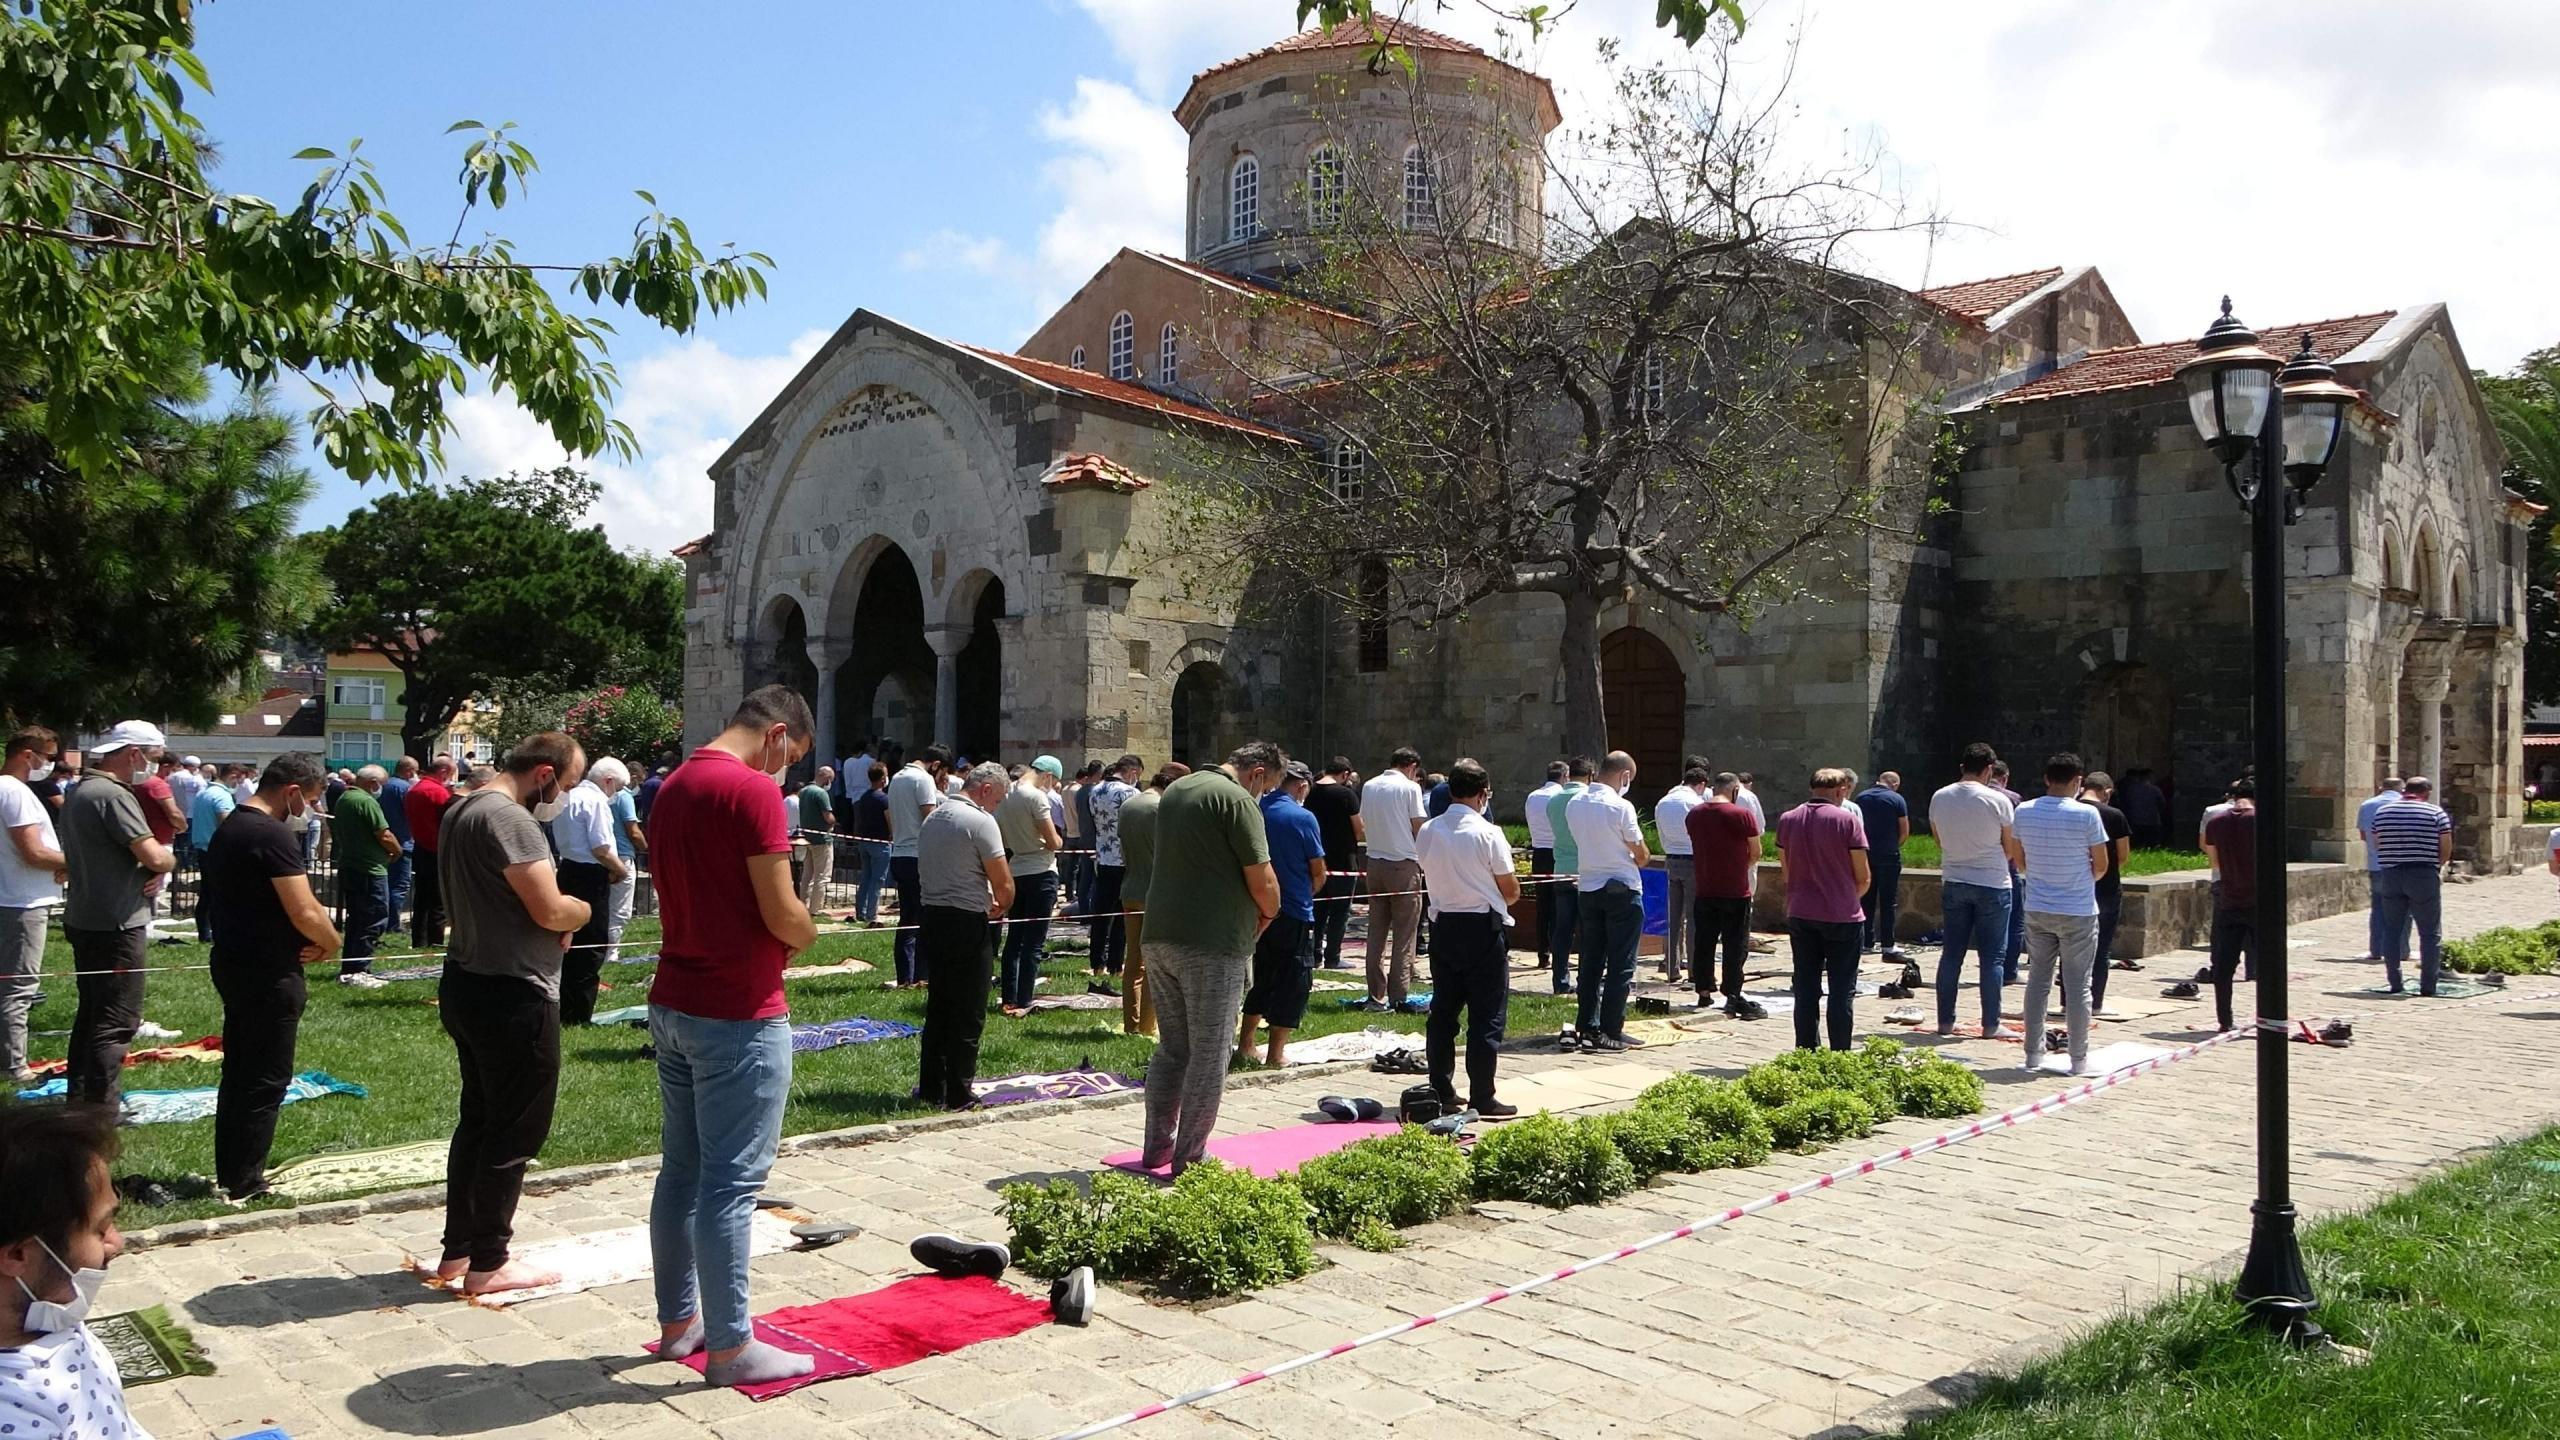 Trabzonlular Ayasofya'ya klasik mihrap ve camilere asılan hat takımı istiyor